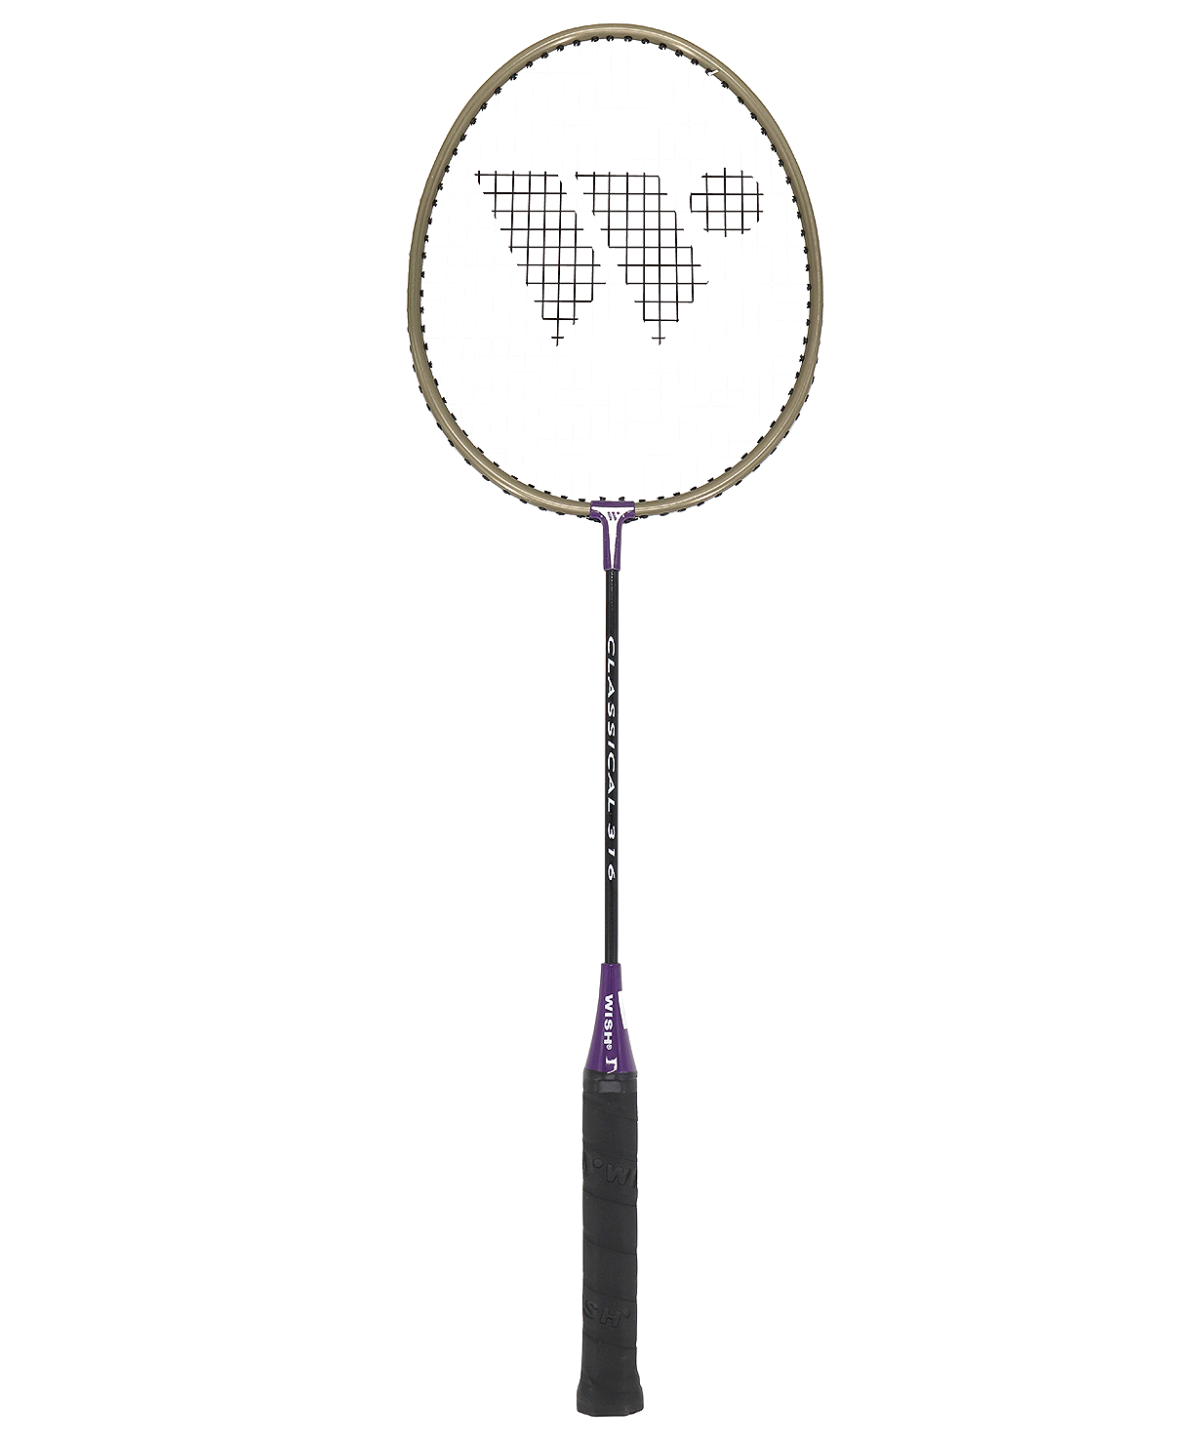 WISH Classic Набор для бадминтона   316: фиолетовый - 3